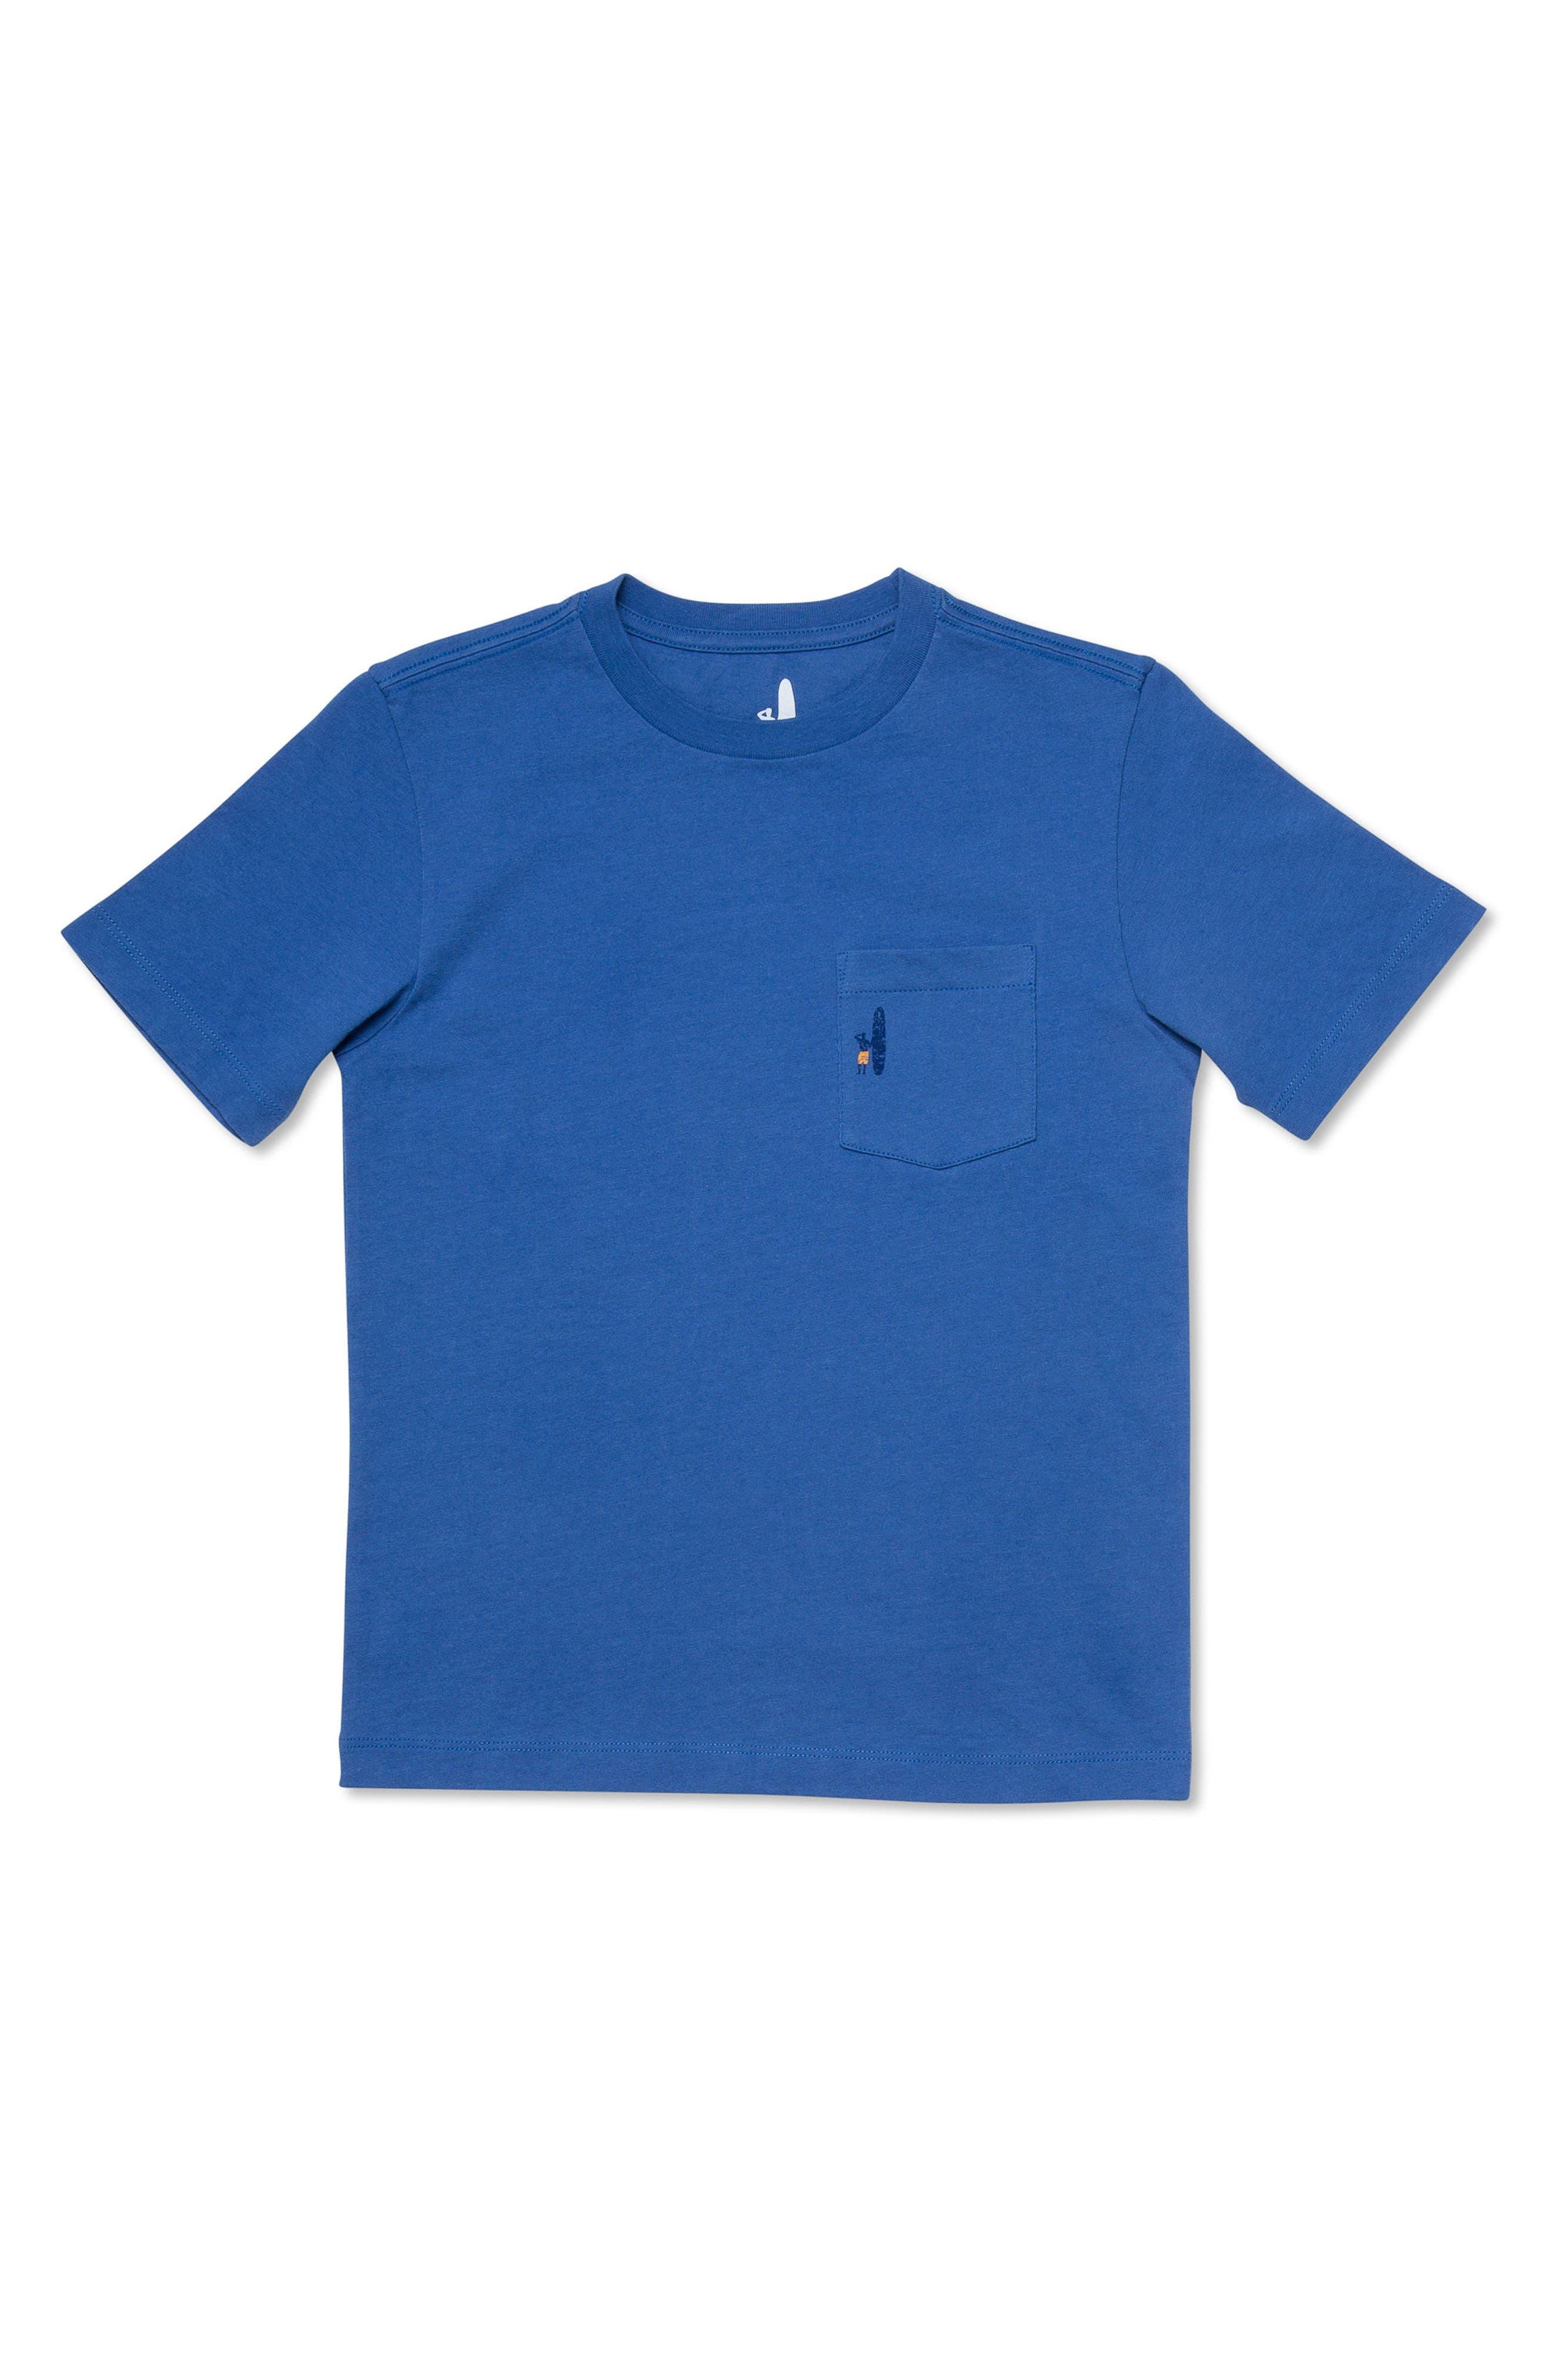 Heatwave Graphic Pocket T-Shirt,                             Main thumbnail 1, color,                             400